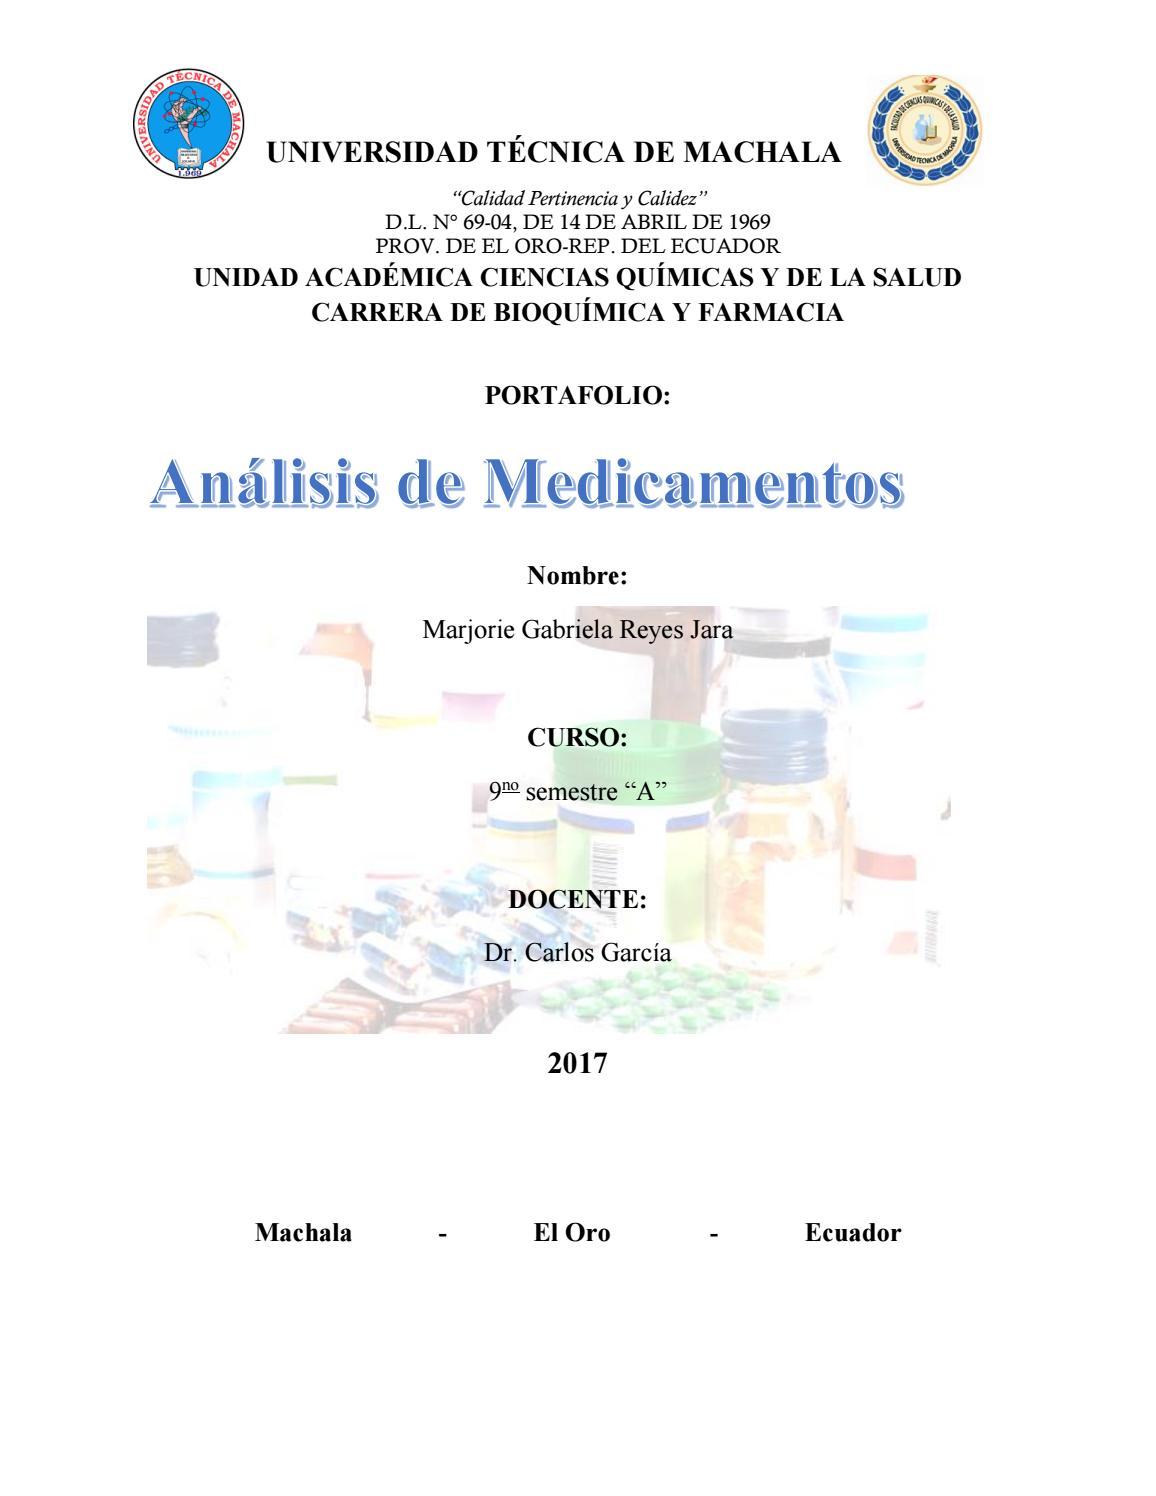 validación del método analítico pautas de la fda sobre diabetes